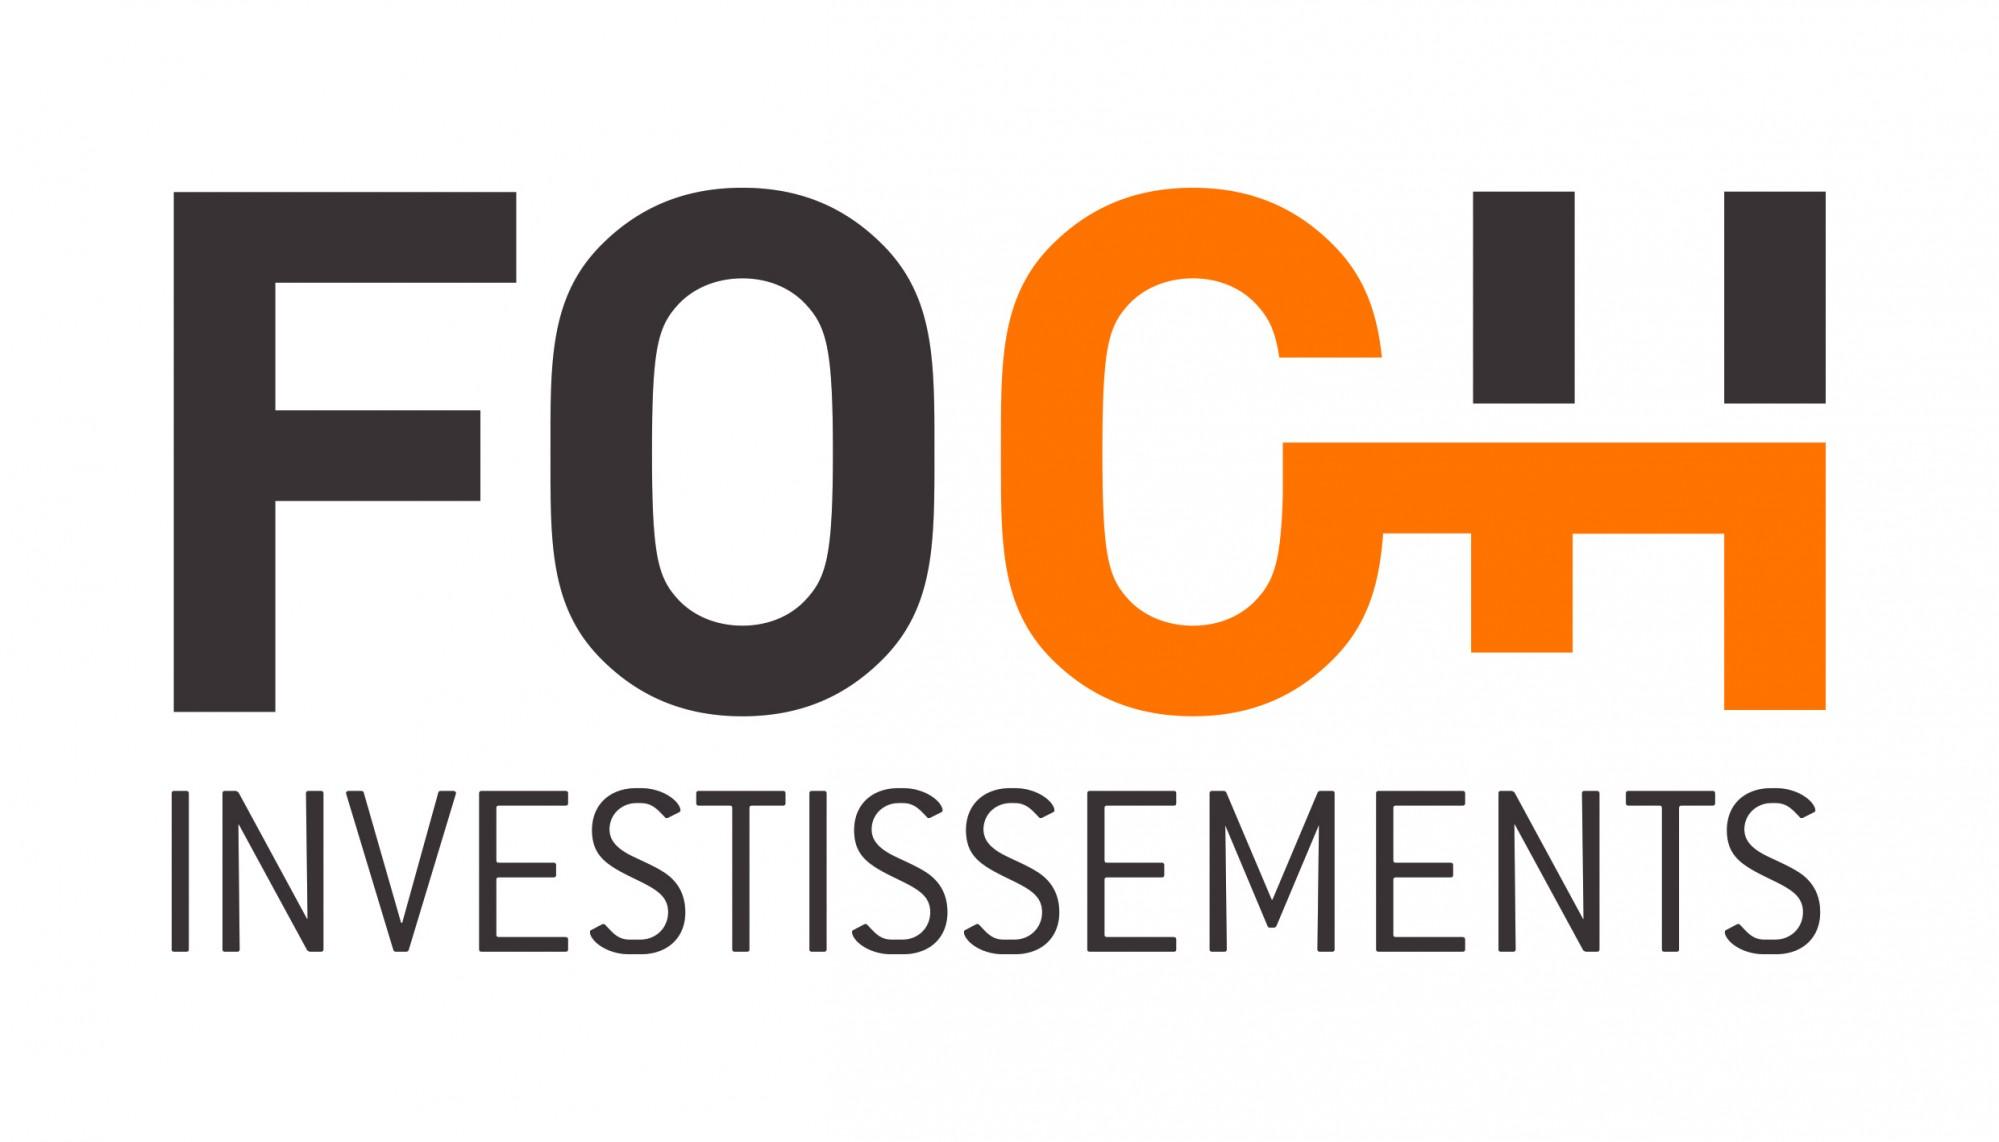 Société immobilière spécialisée dans la vente de biens immobiliers d'exception sur Lyon et ses environs